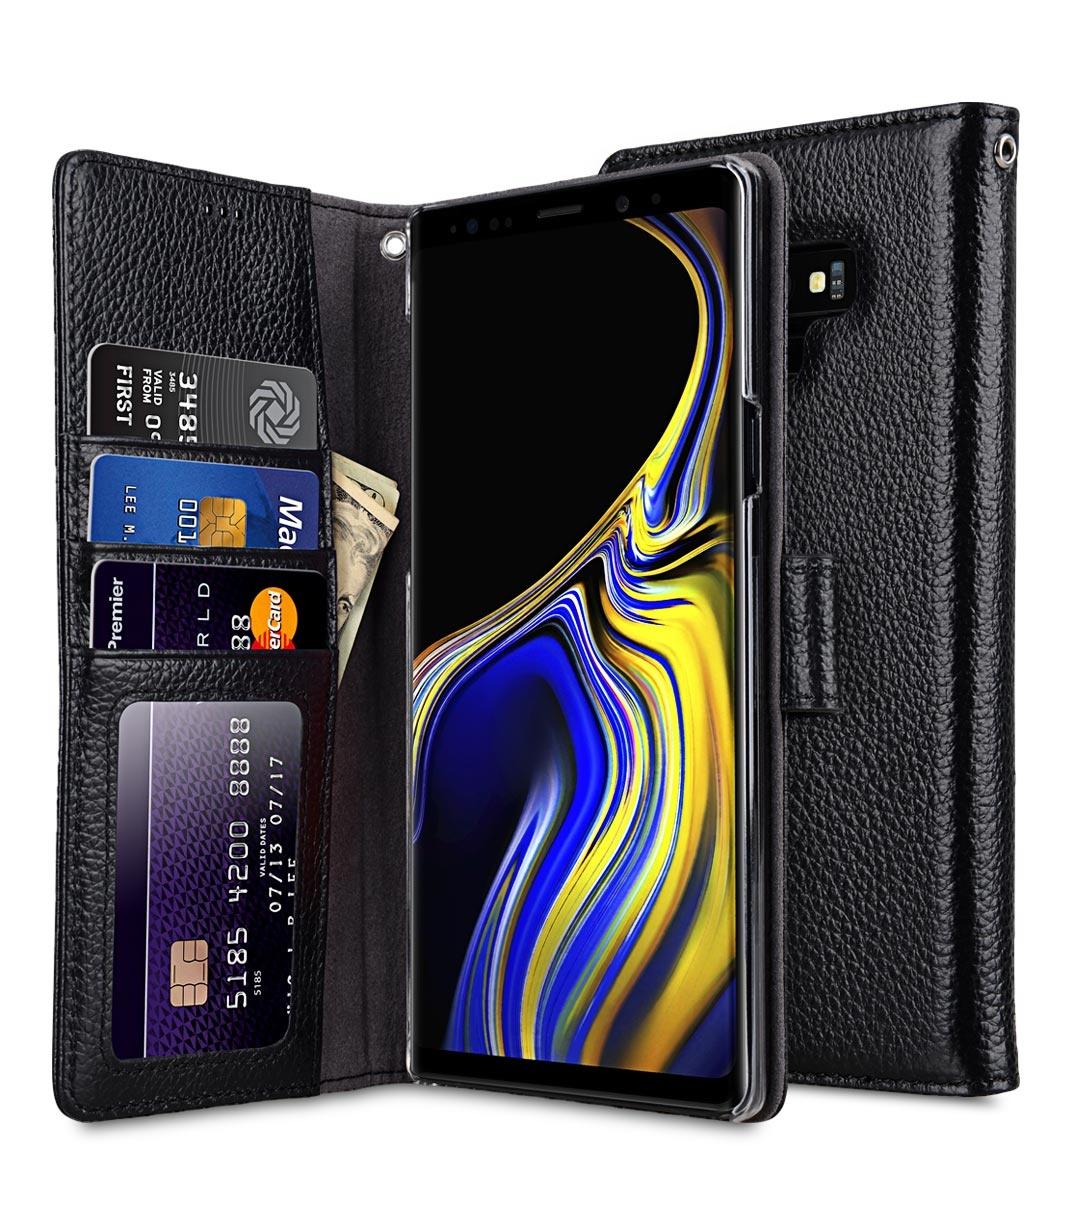 Чехол для сотового телефона Melkco Кожаный чехол книжка для Samsung Galaxy Note 9 - Wallet Book ID Slot Type, черный